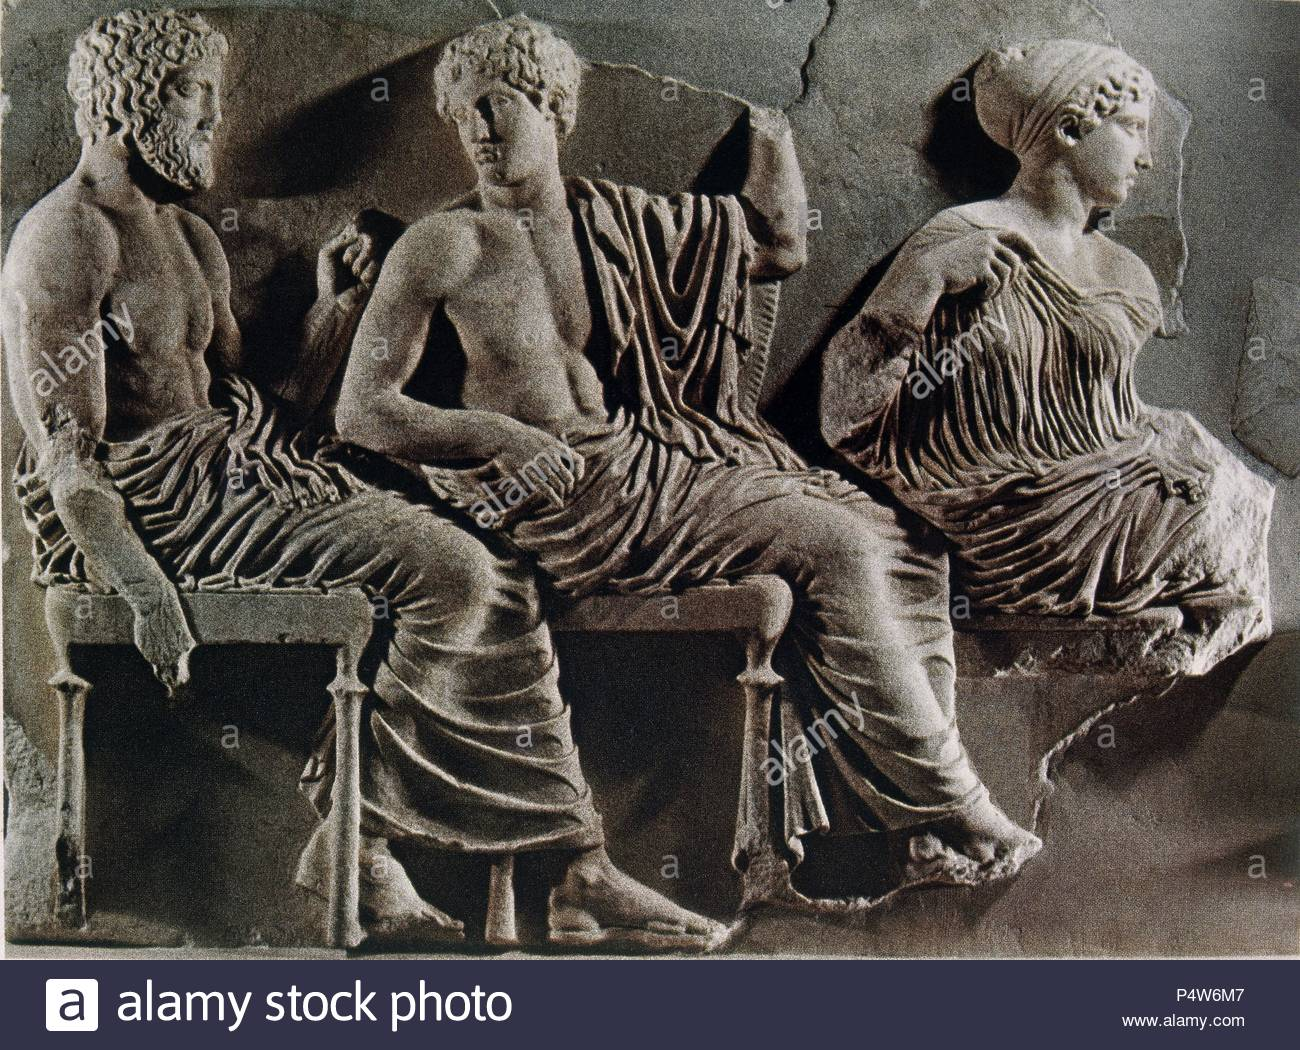 fdc04f5560c0 DETALLE DEL FRISO DEL PARTENON - POSEIDON APOLO Y ARTEMISA - SIGLO V AC.  Location  MUSEO DE LA ACROPOLIS